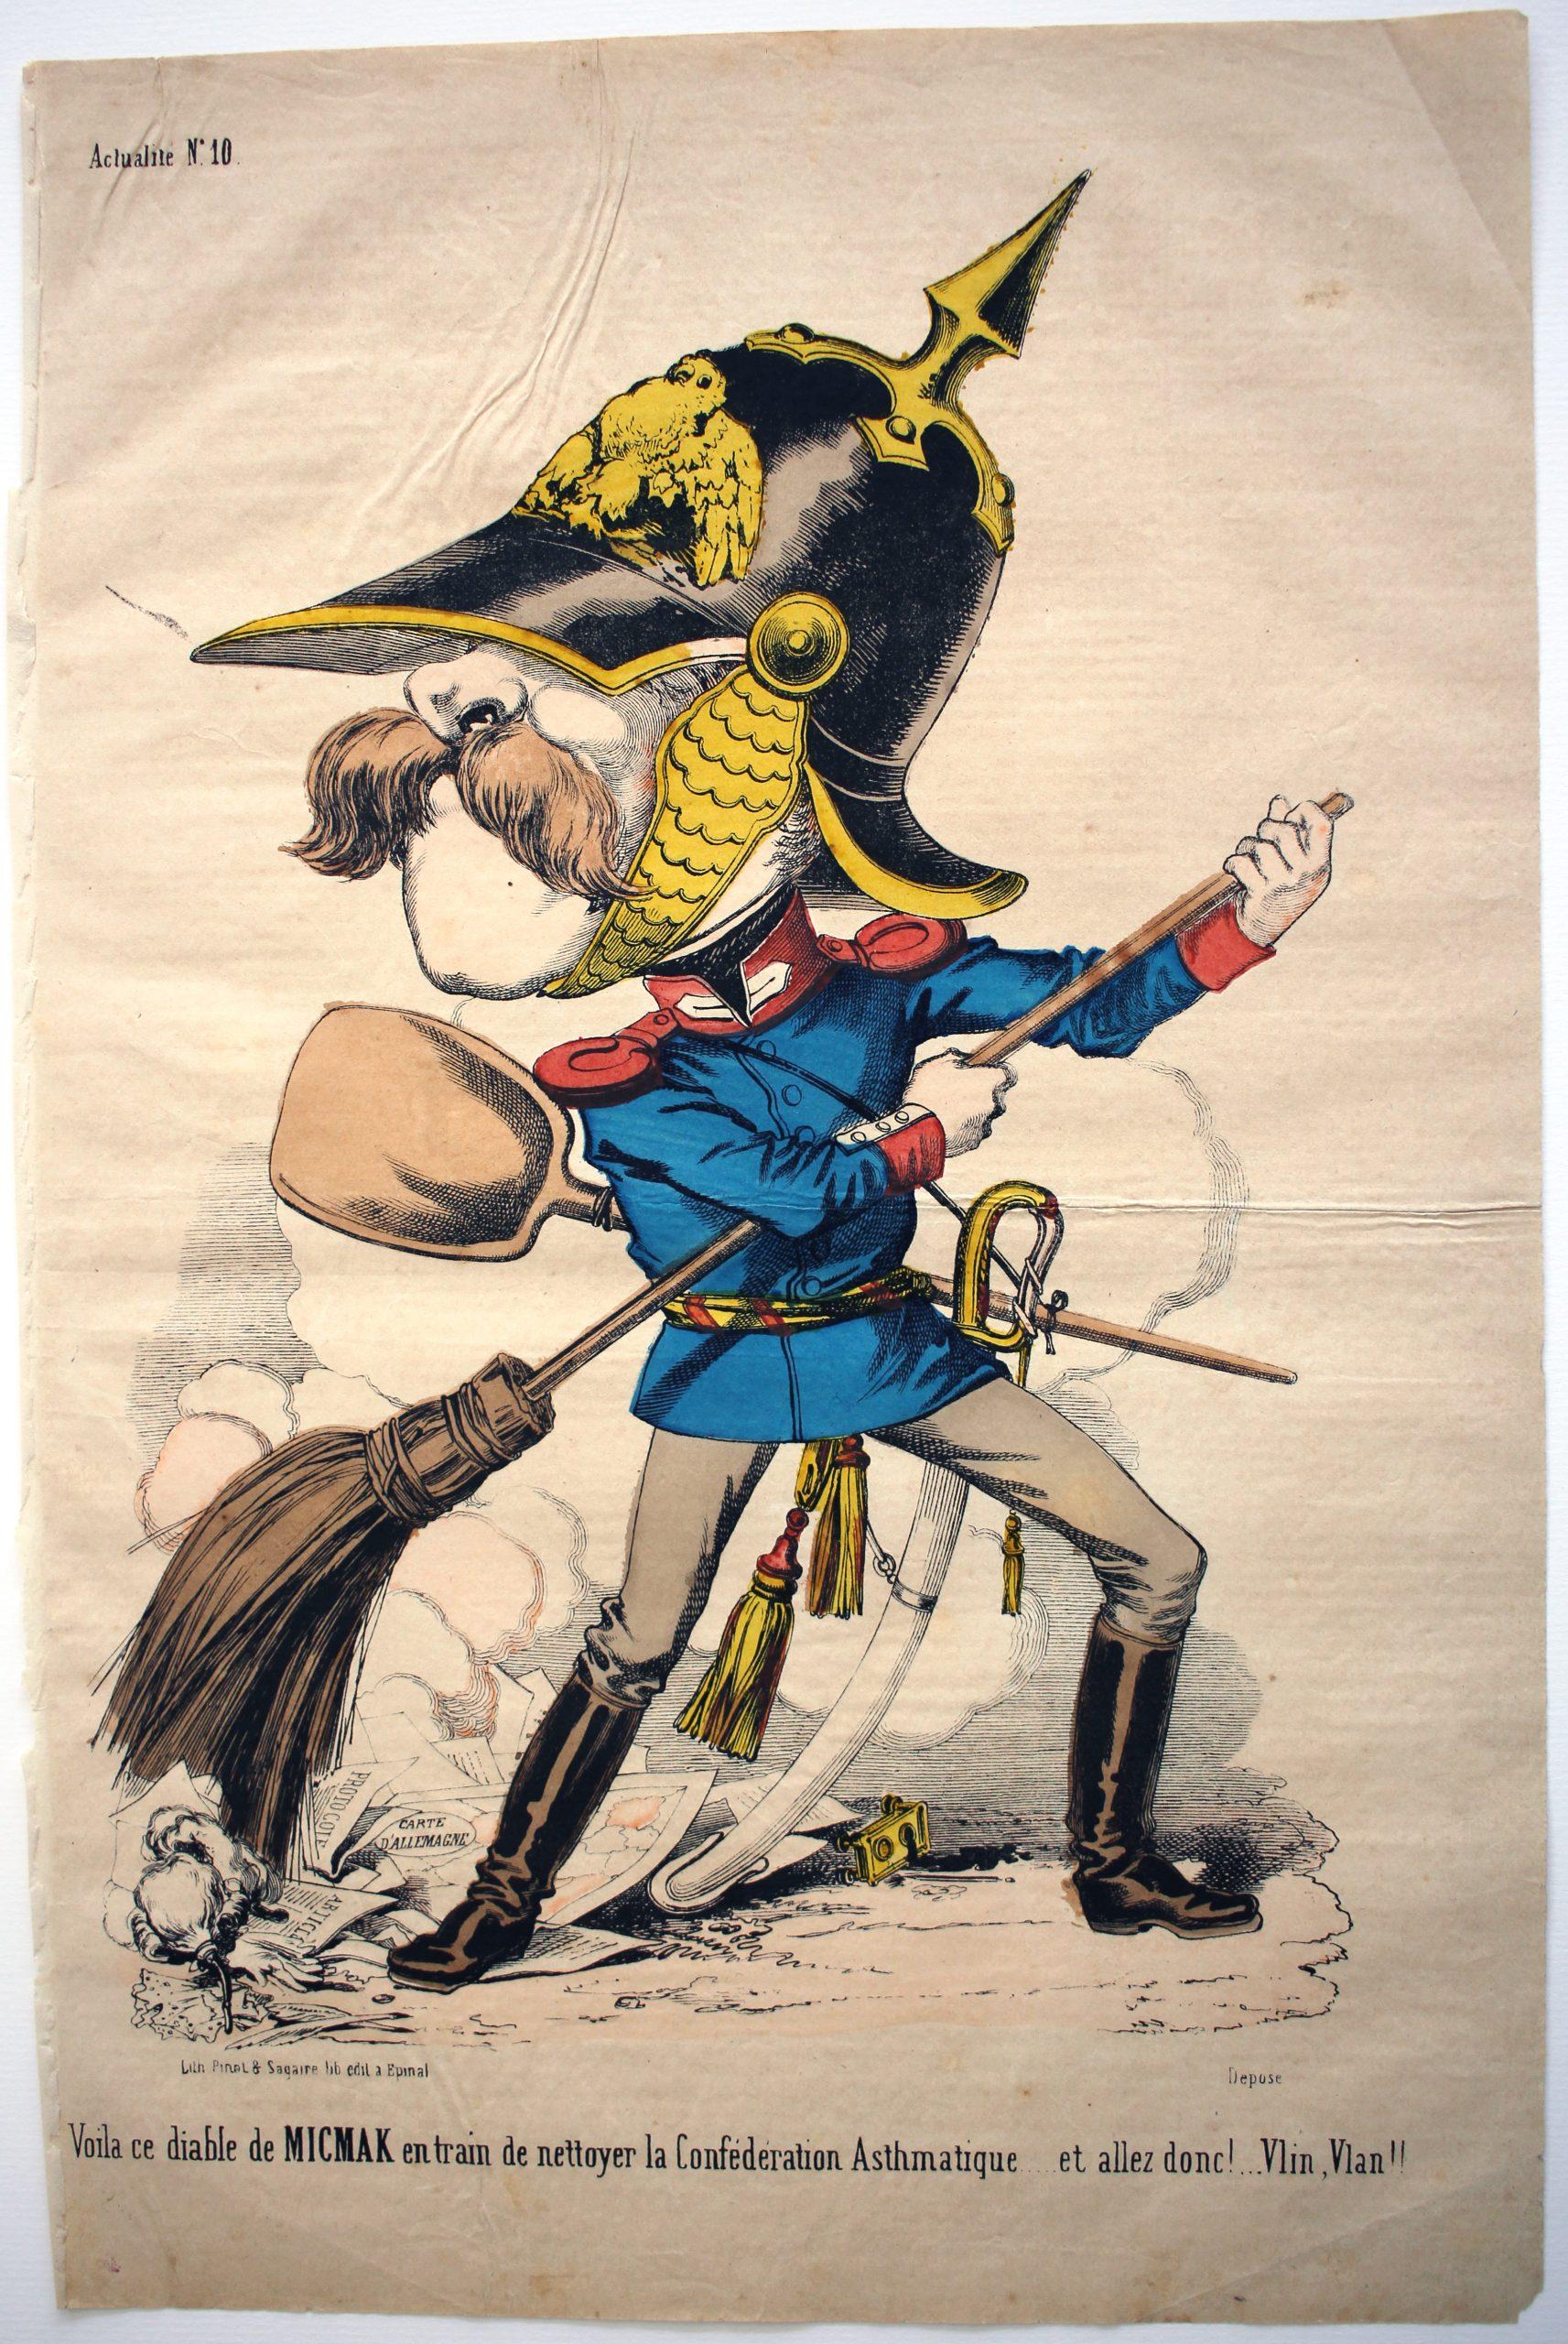 Imagerie Epinal - Pinot et Sagaire - Caricature - Prusse - Guerre 1866 - Austro - Prussienne - Casque à pointe